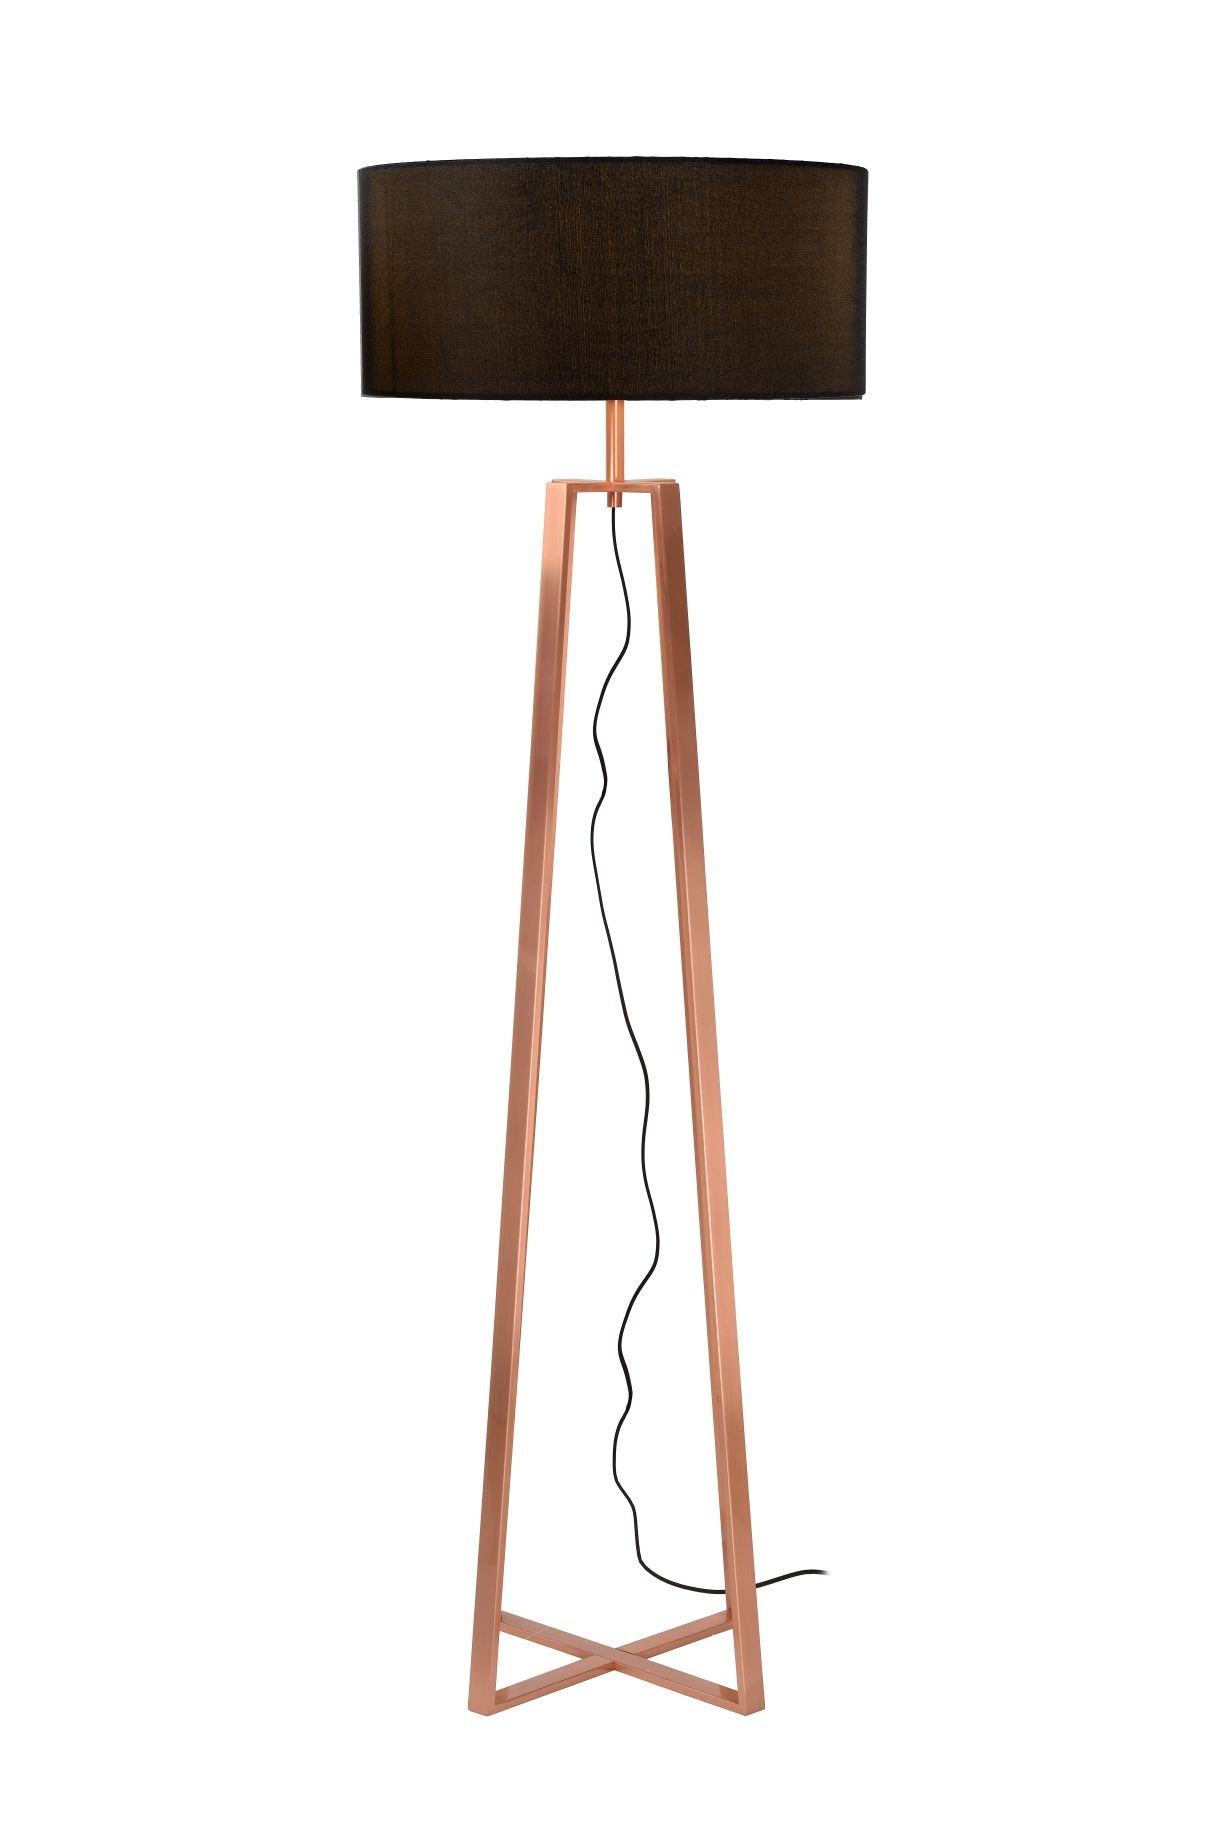 Full Size of Stehlampe Modern Stehlampen Wohnzimmer Tapete Küche Bett Design Moderne Deckenleuchte Schlafzimmer Modernes 180x200 Holz Landhausküche Duschen Deckenlampen Wohnzimmer Stehlampe Modern